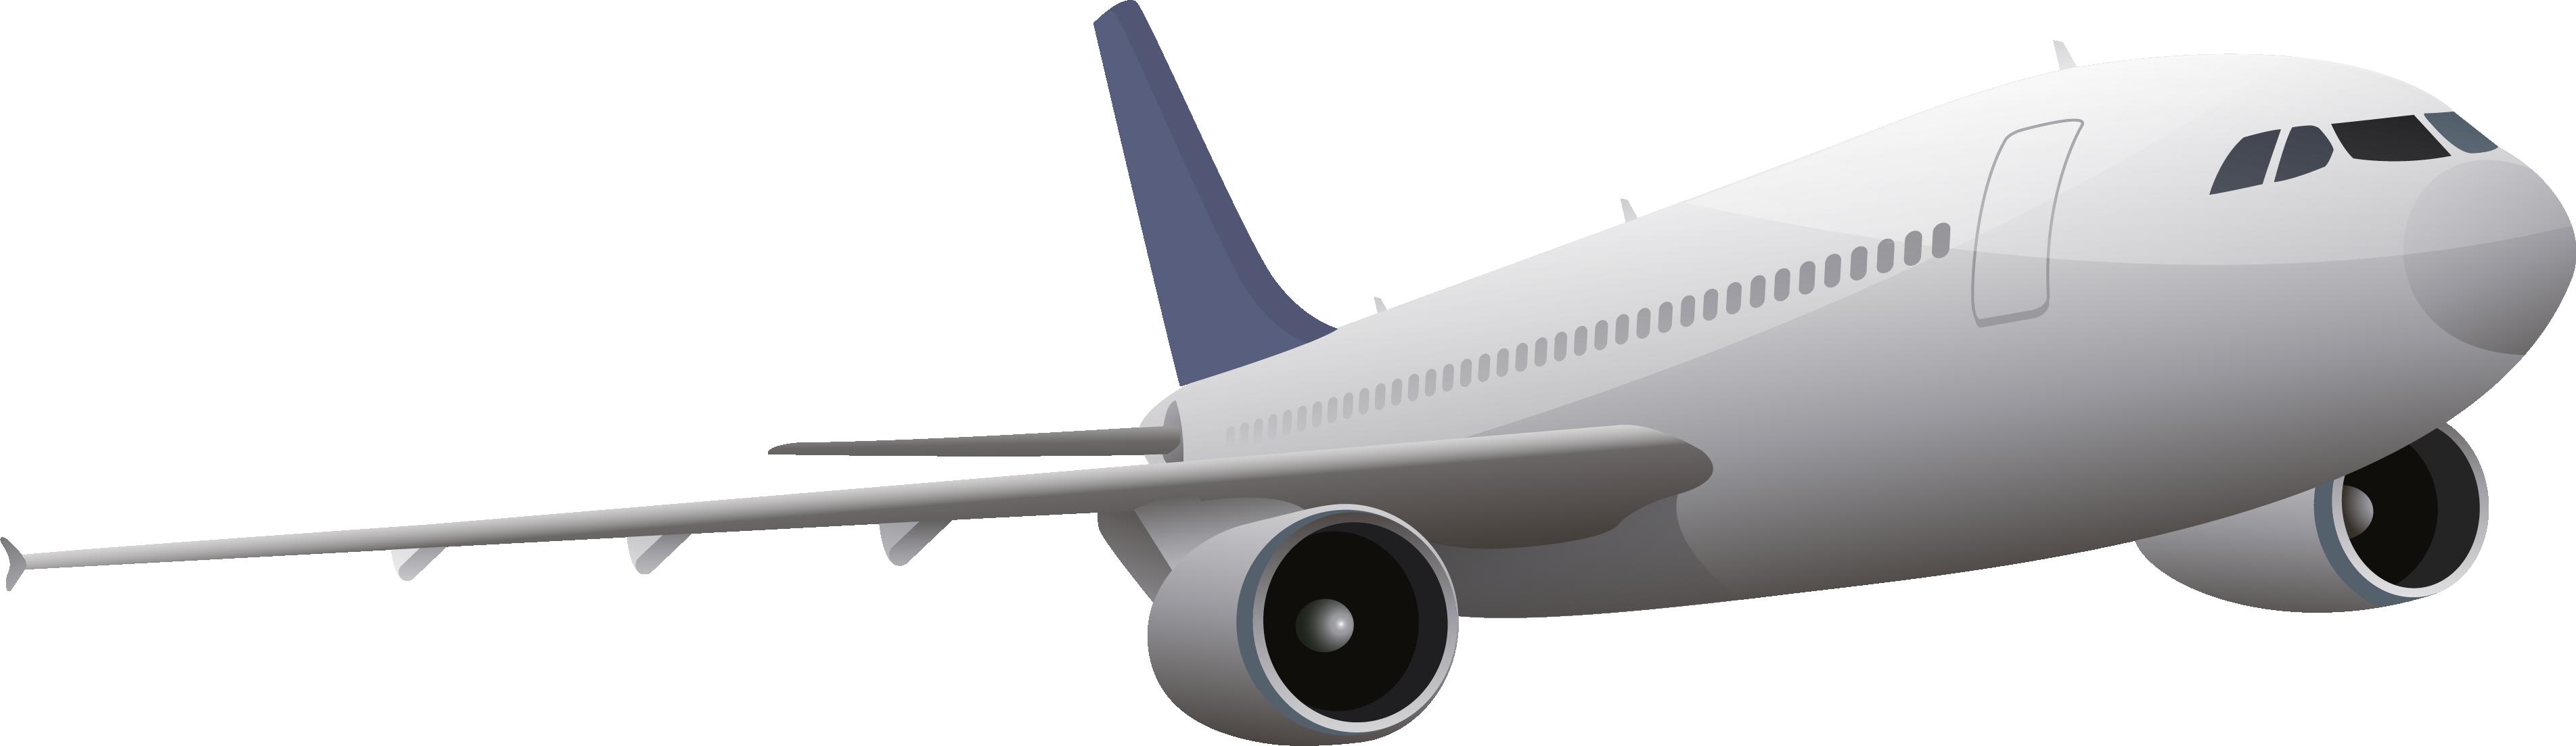 Самолет фото на прозрачном фоне необходимая